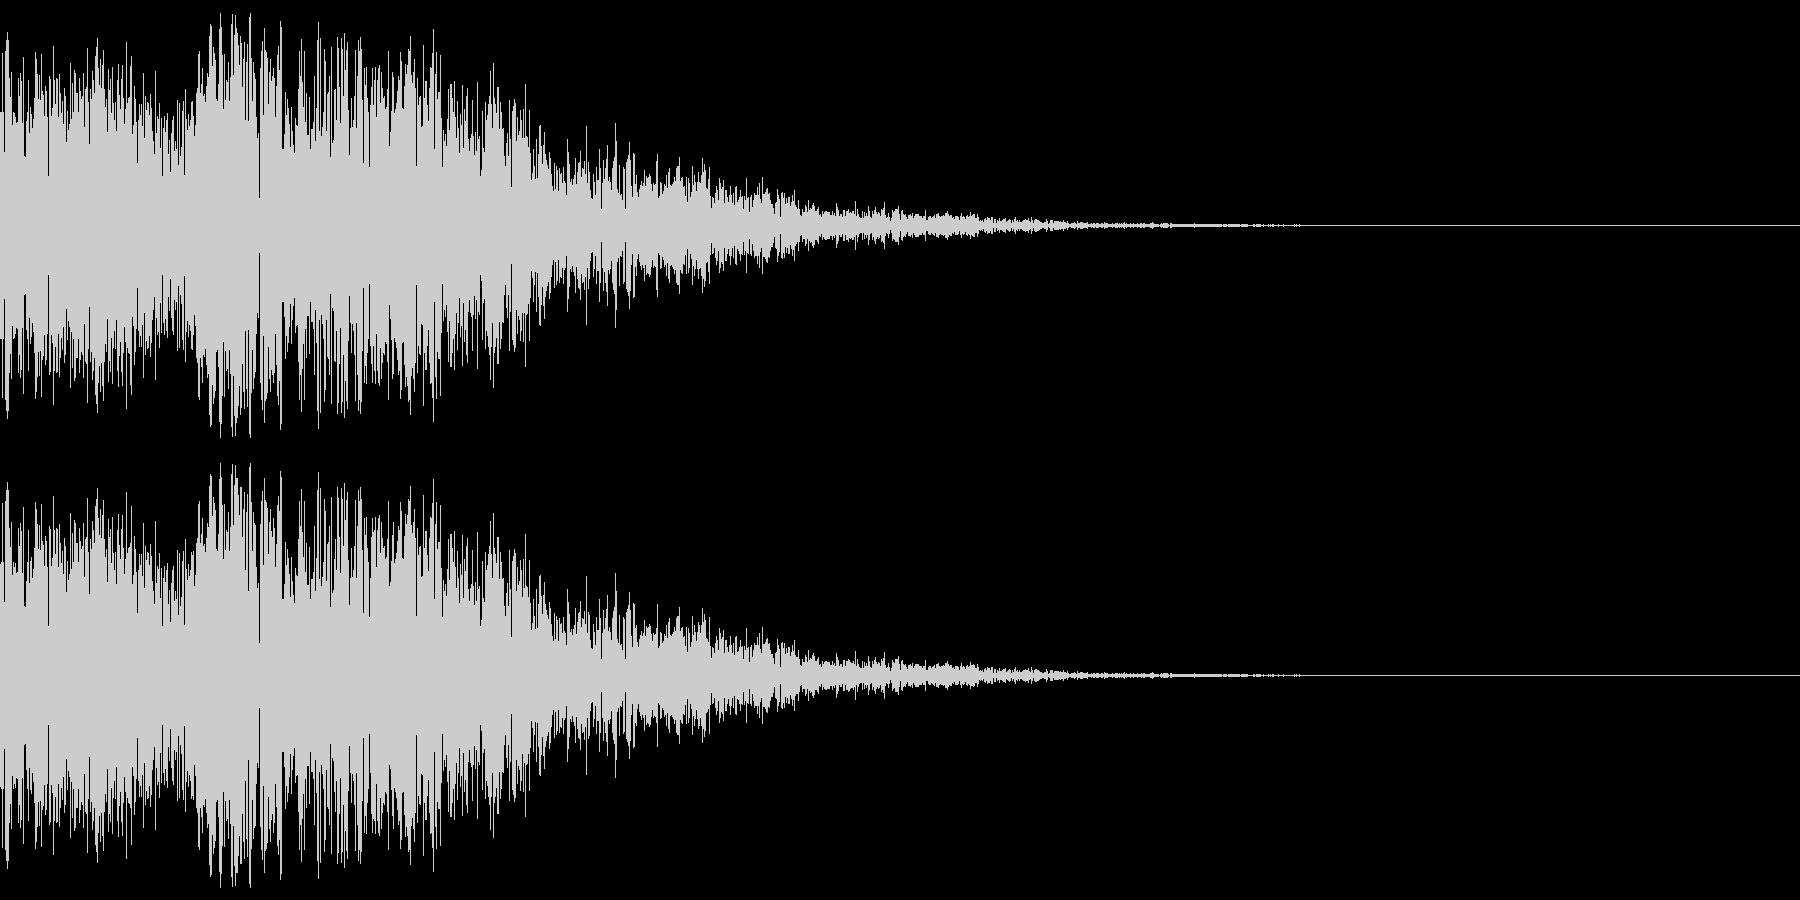 ゲームに使えそうなヒット、消滅音の未再生の波形